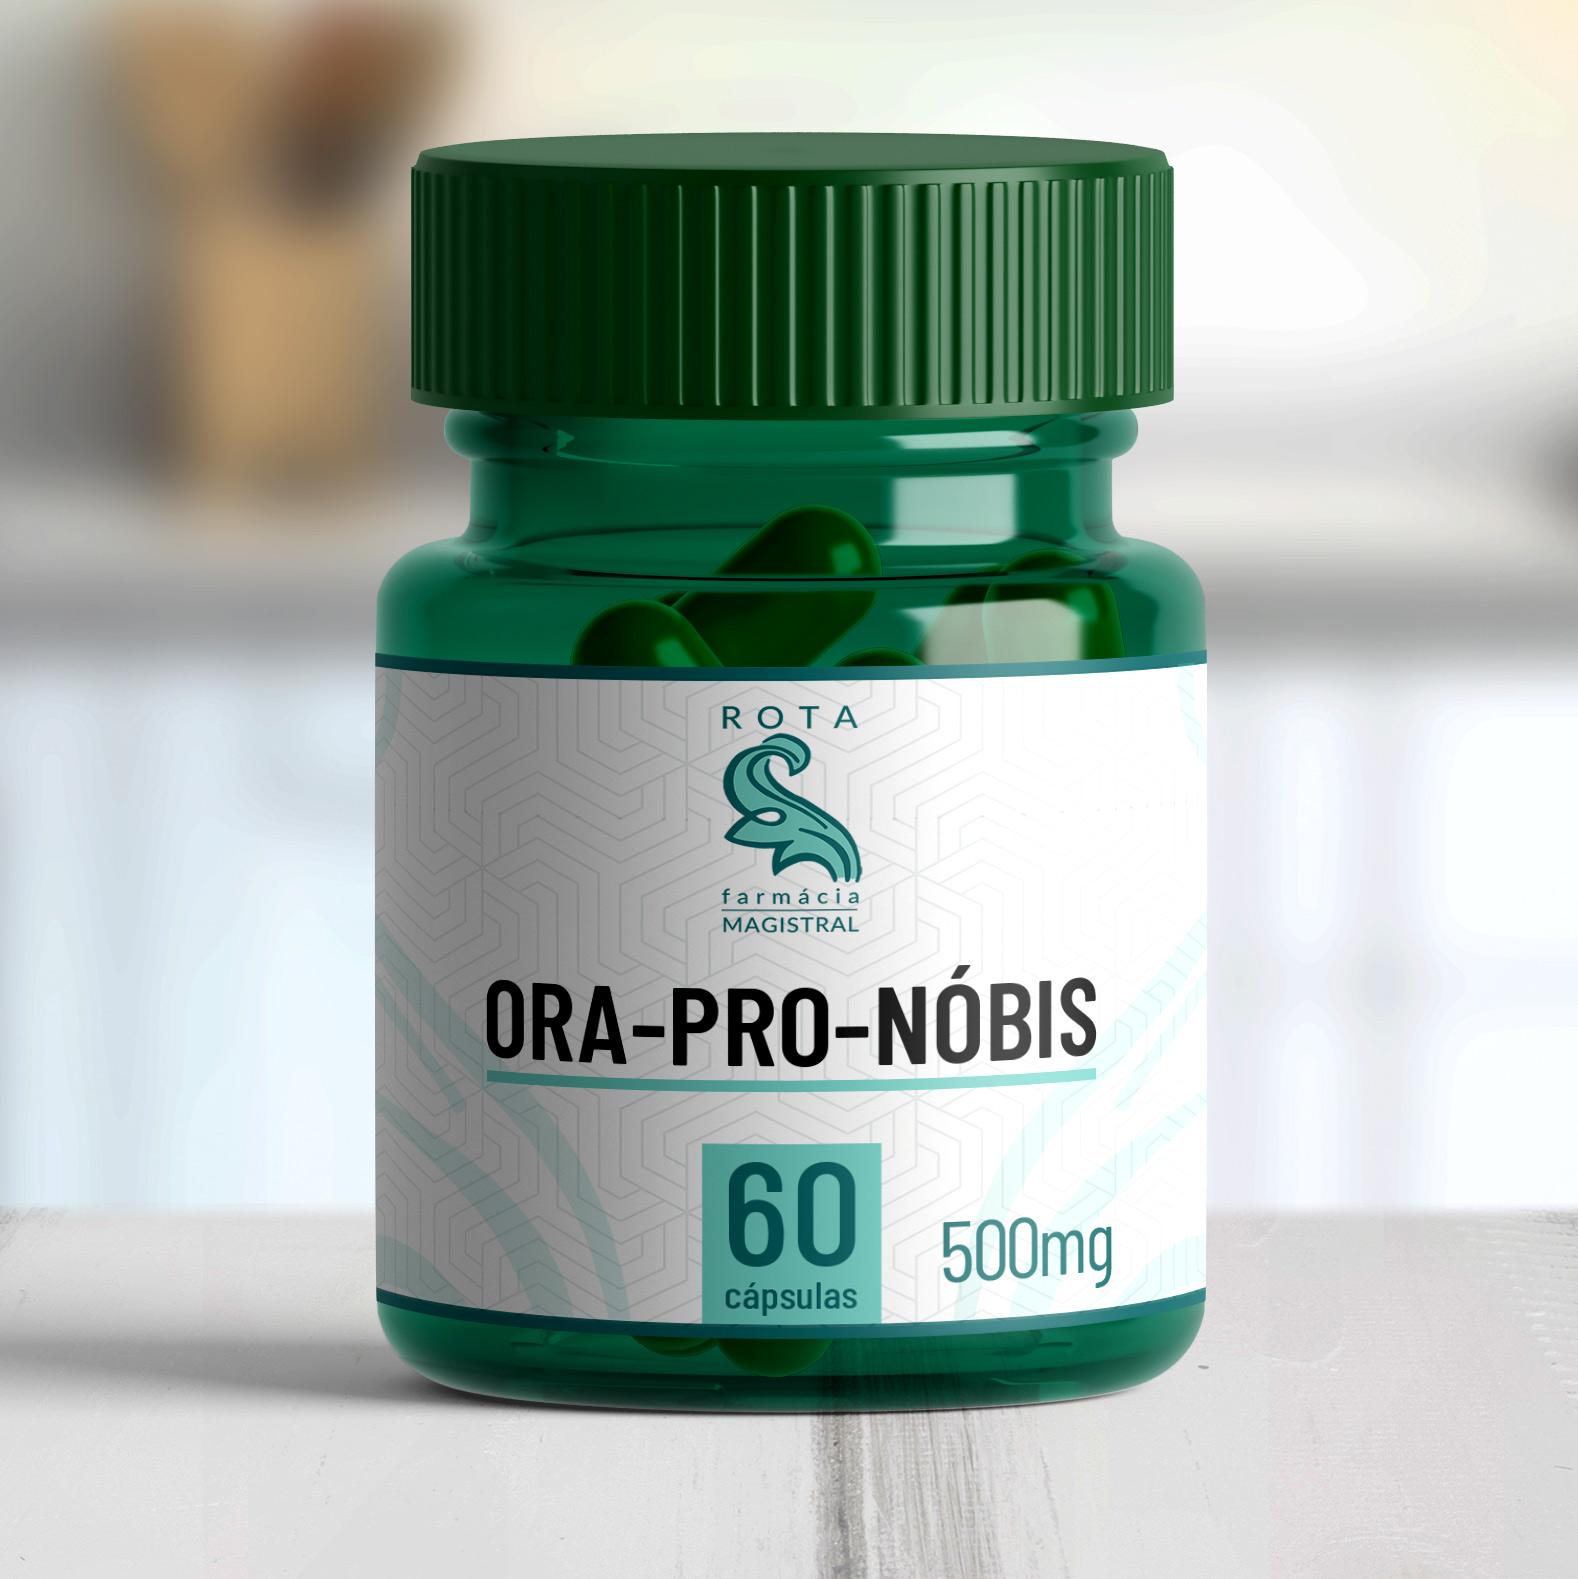 Ora-Pro-Nóbis 500mg 60 cápsulas